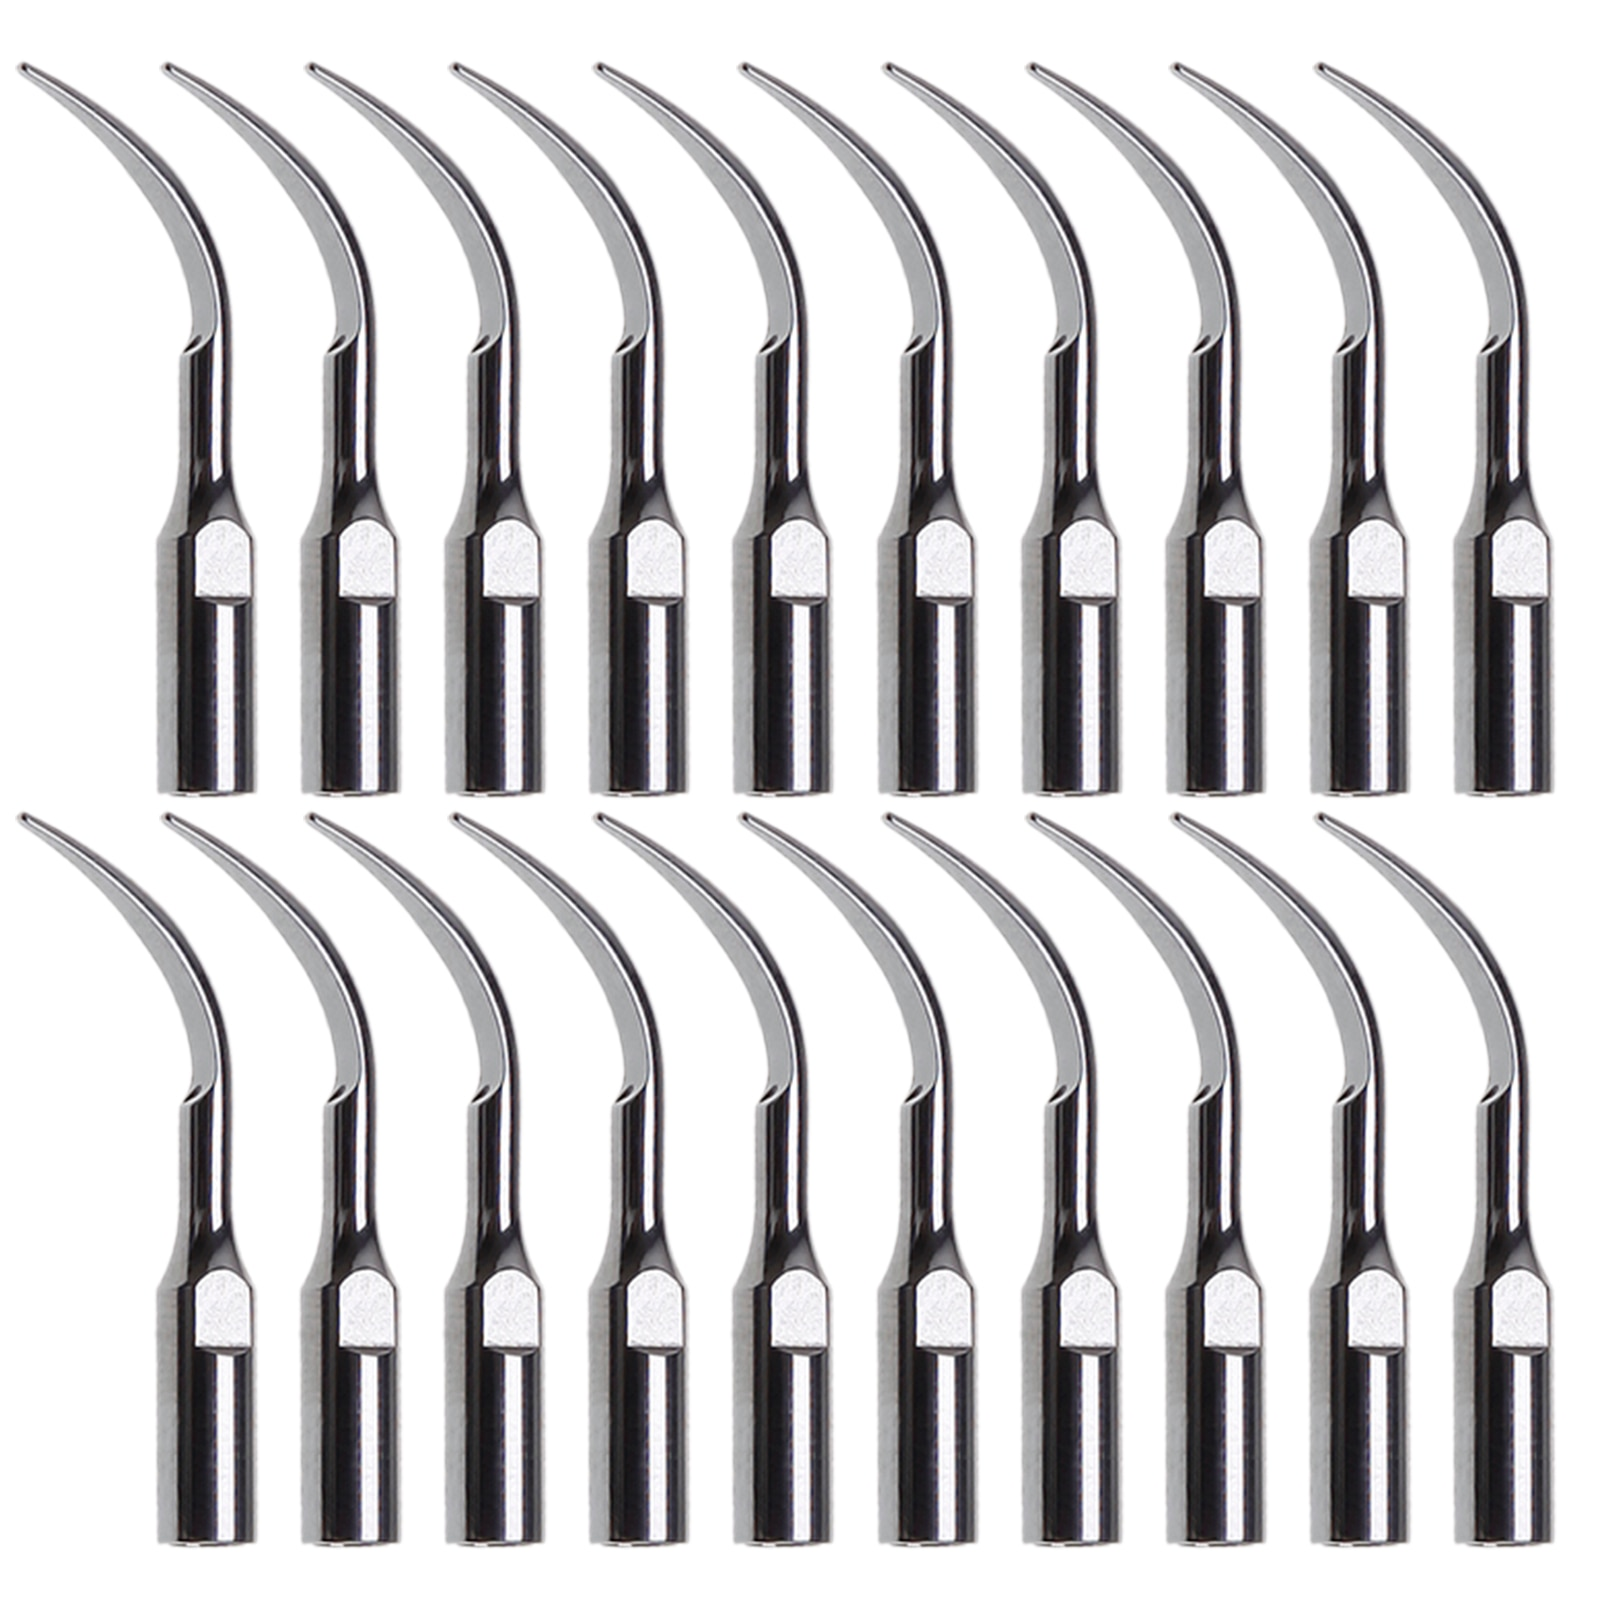 20 шт. стоматологические наконечники GD1, ультразвуковые наконечники, подходят для наконечника DTE Satelec Scaler